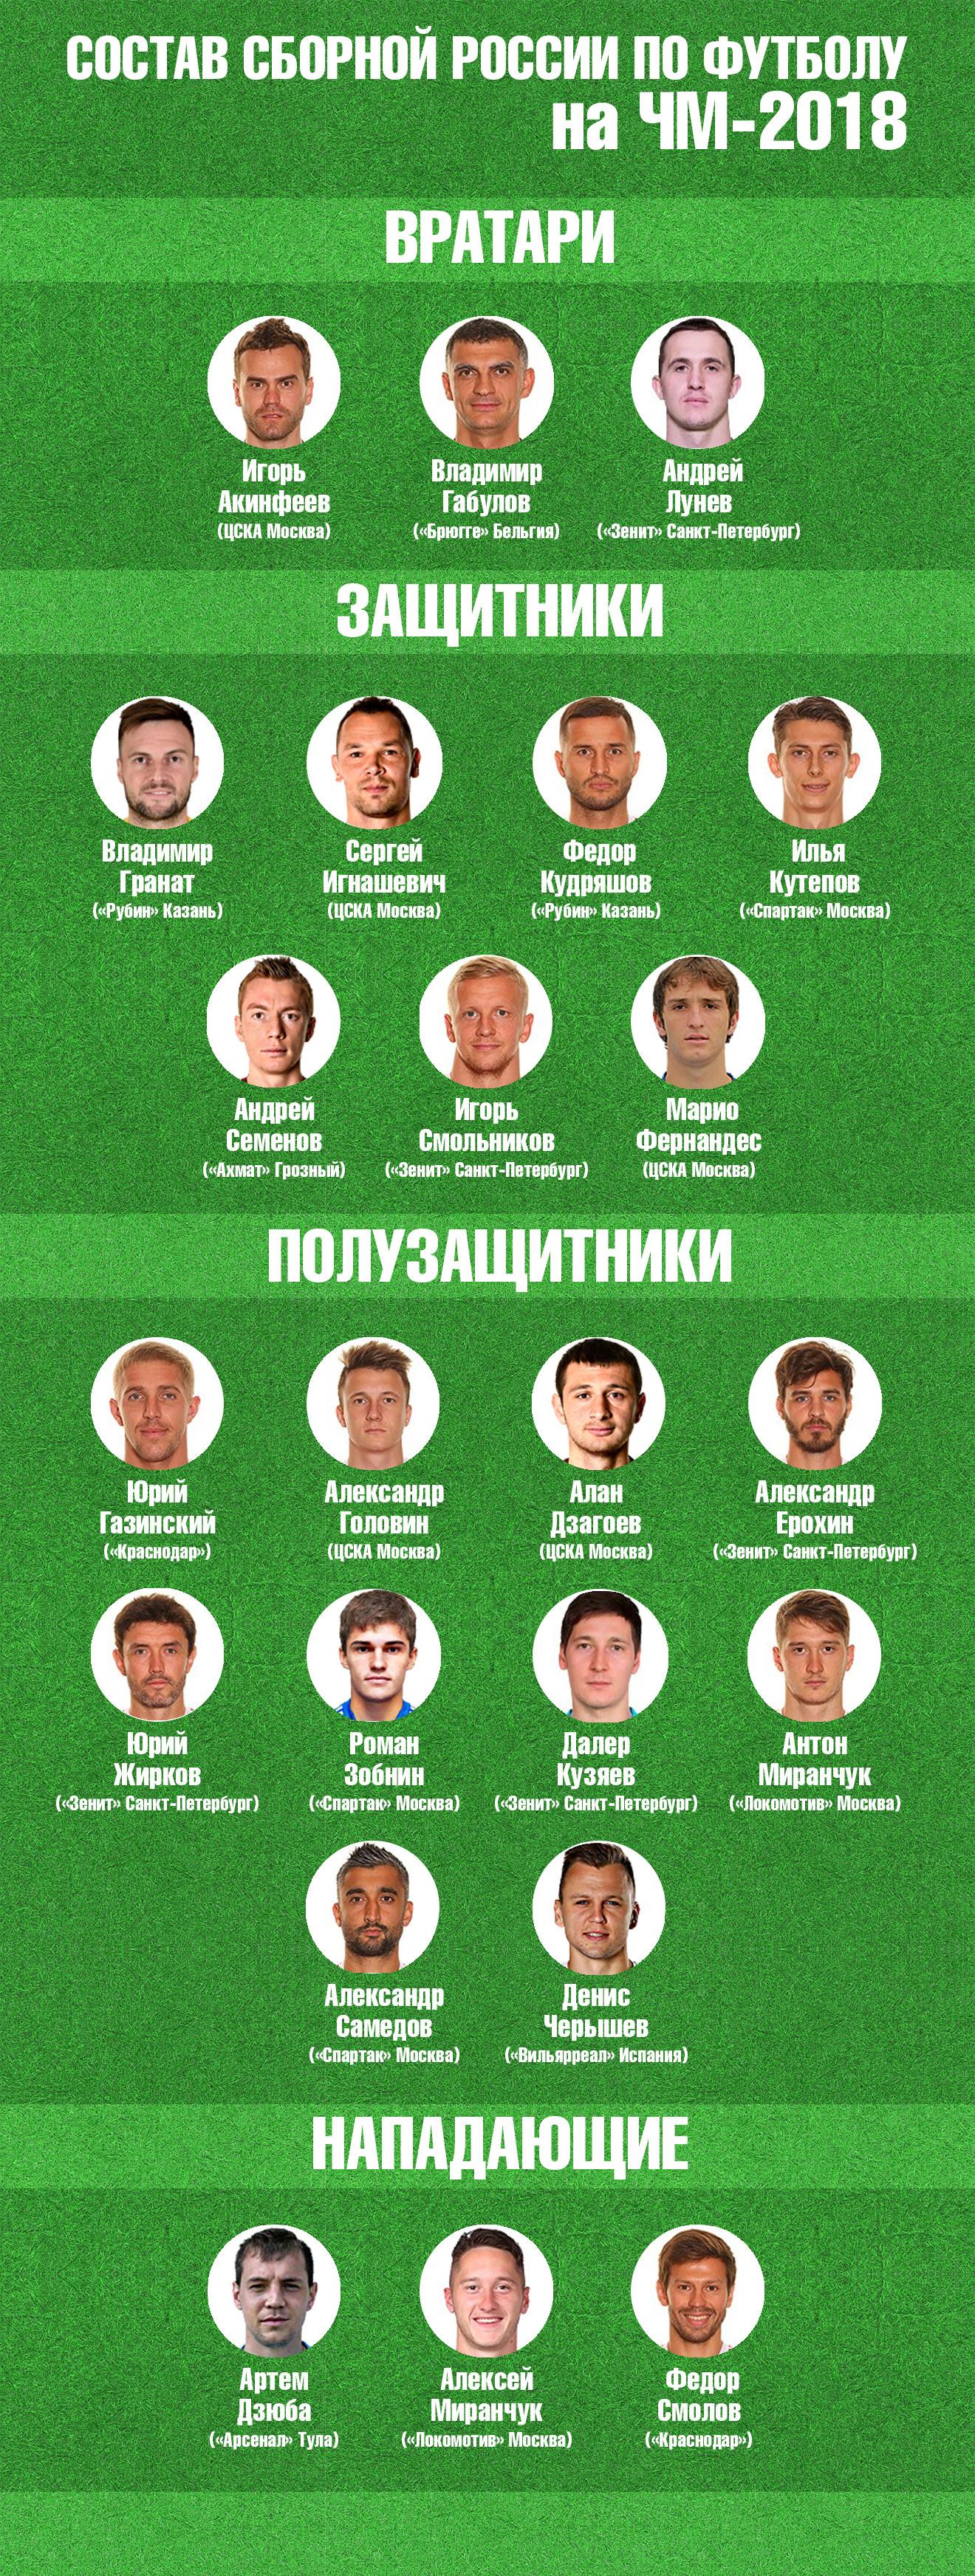 «Никто, кроме вас!» Москвичи поддержали сборную России по футболу забегом